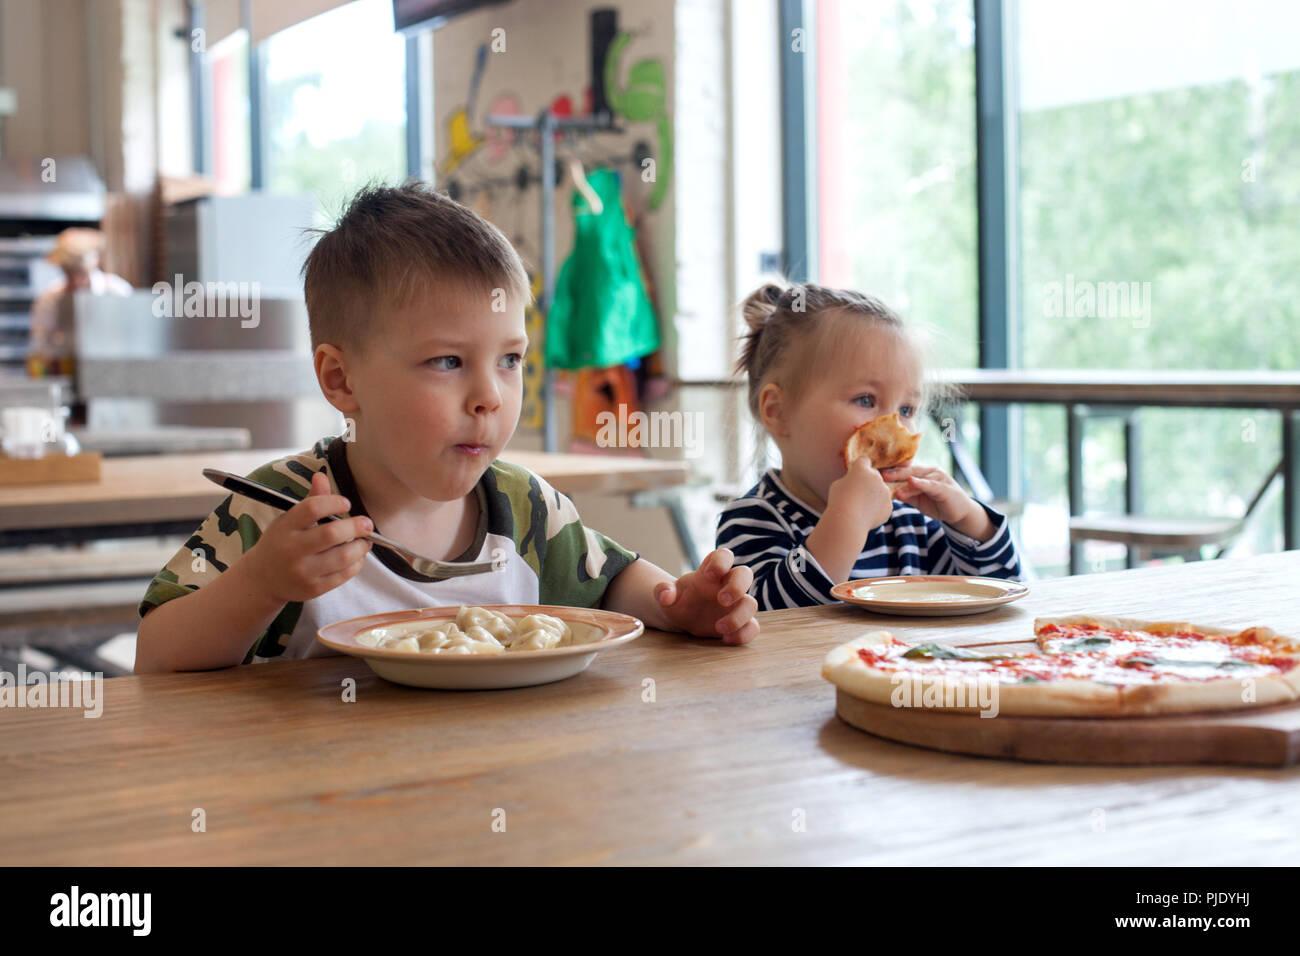 Kinder essen Pizza und Fleisch Knödel im Cafe. Kinder essen ungesundes Essen drinnen. Geschwister im Cafe, Familienurlaub Konzept. Stockbild